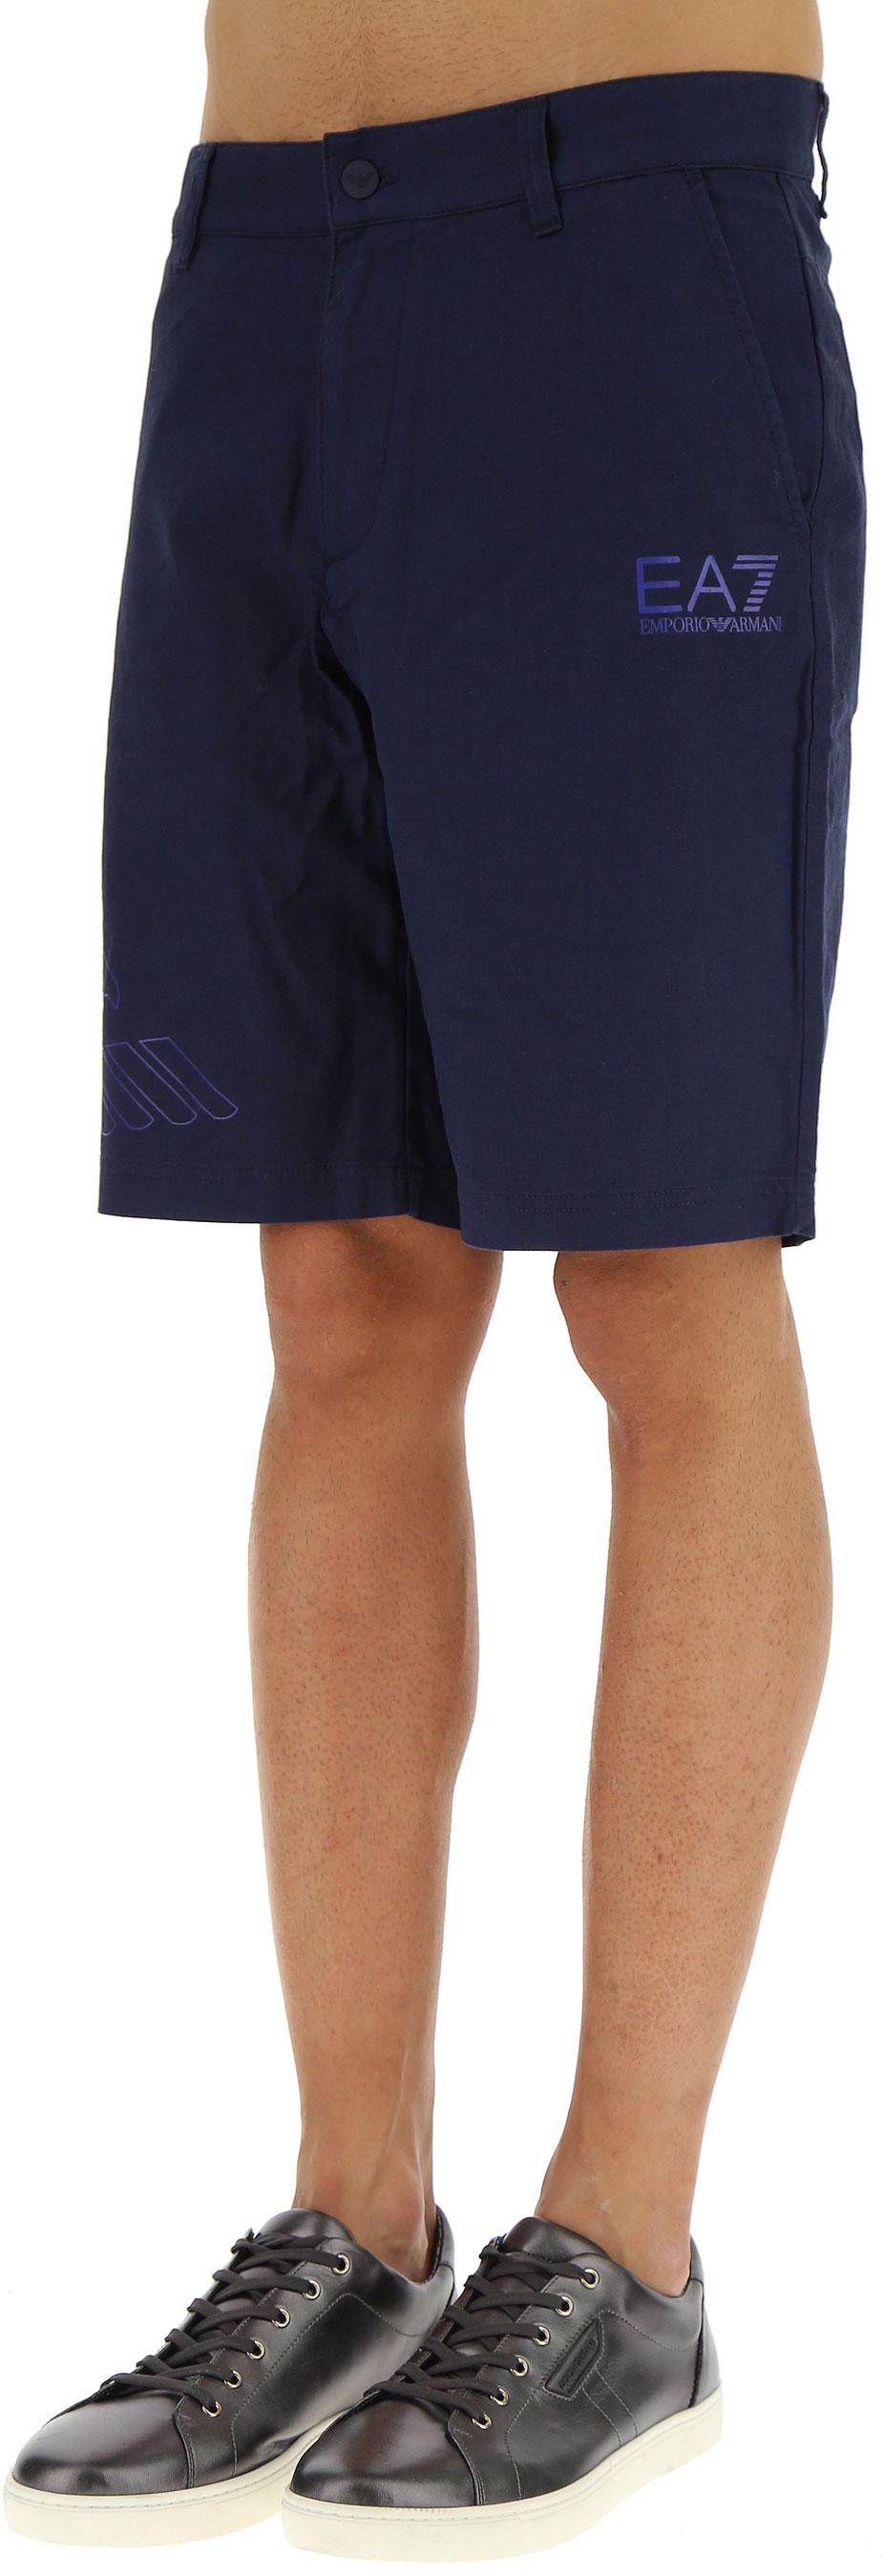 Abbigliamento Uomo Emporio Armani, Codice Articolo: 3zps16-pn92z-1554